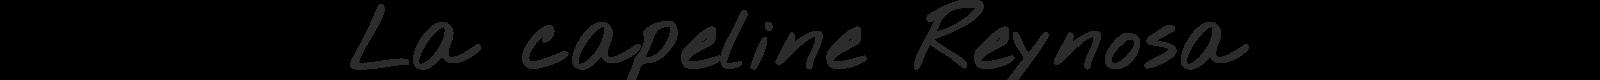 http://lookbook.allee-du-foulard.fr/wp-content/uploads/2018/08/0676-ADF-Accessoires-de-mode-LB-Chapeaux-Titre-capeline_reynosa-1600x80.png